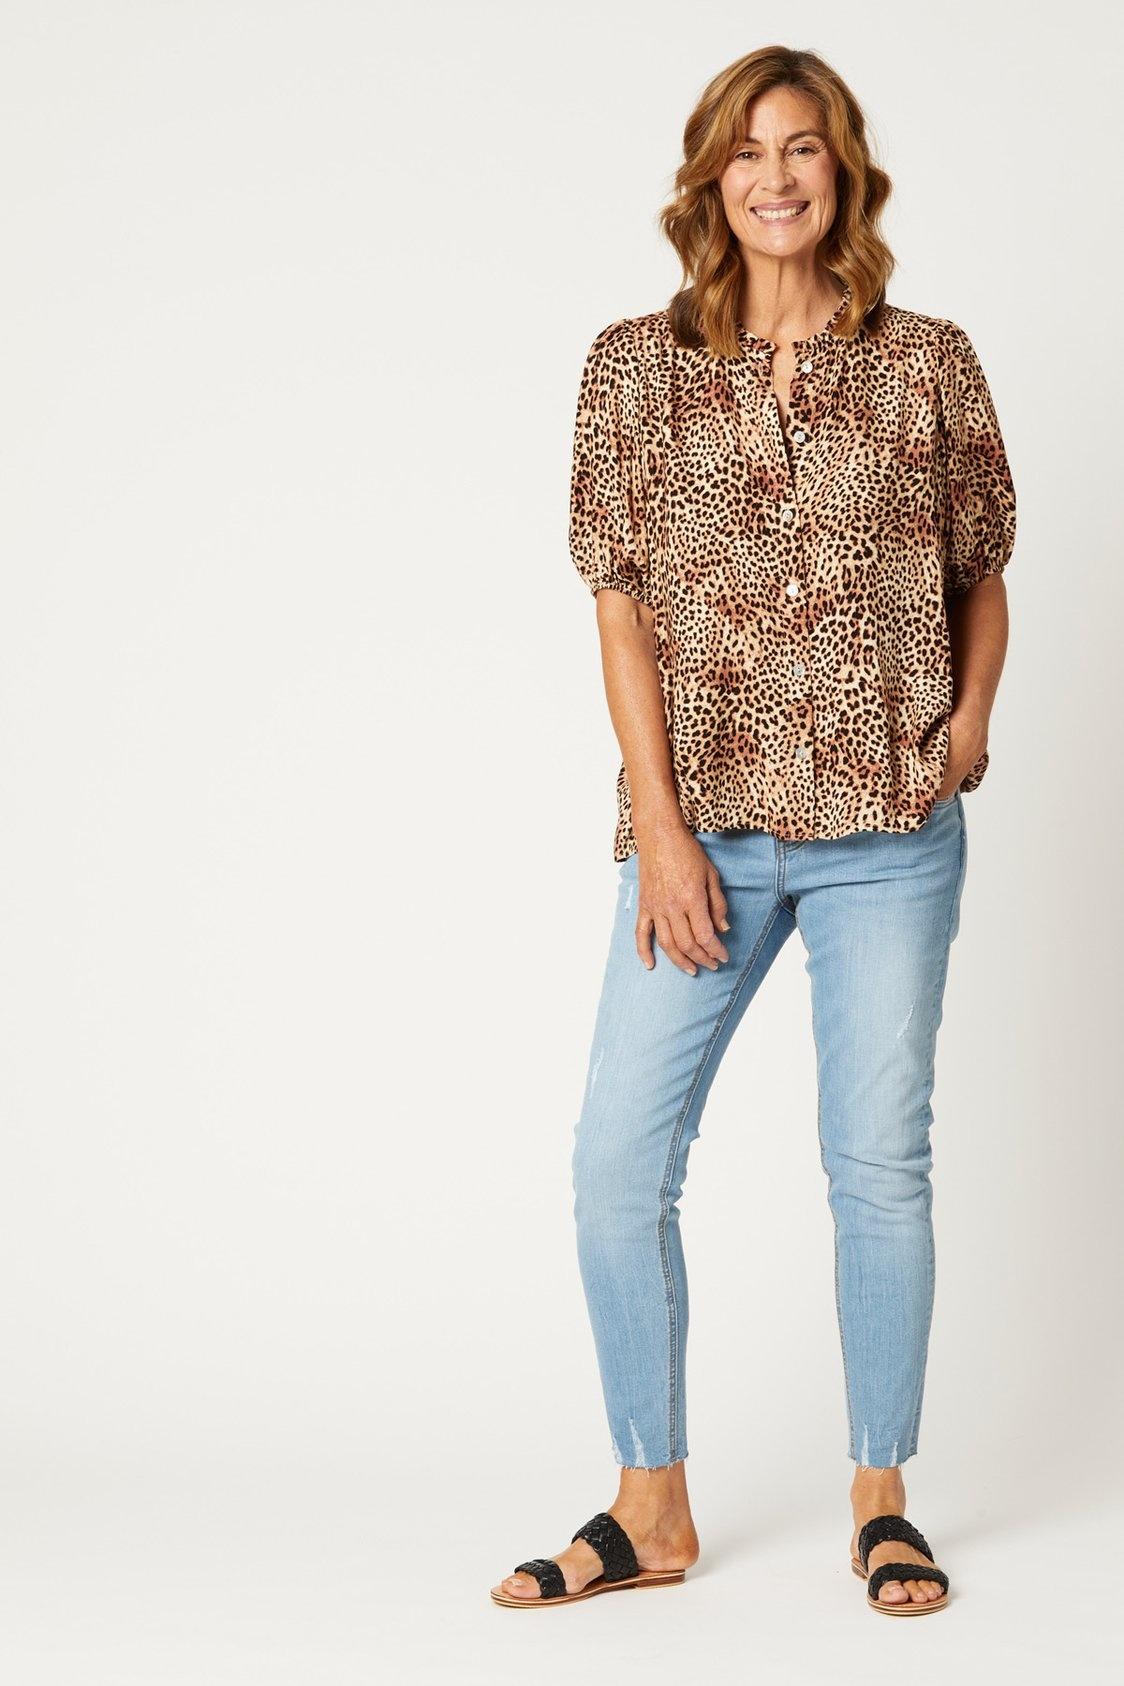 Eb & Ive Amazonia Shirt